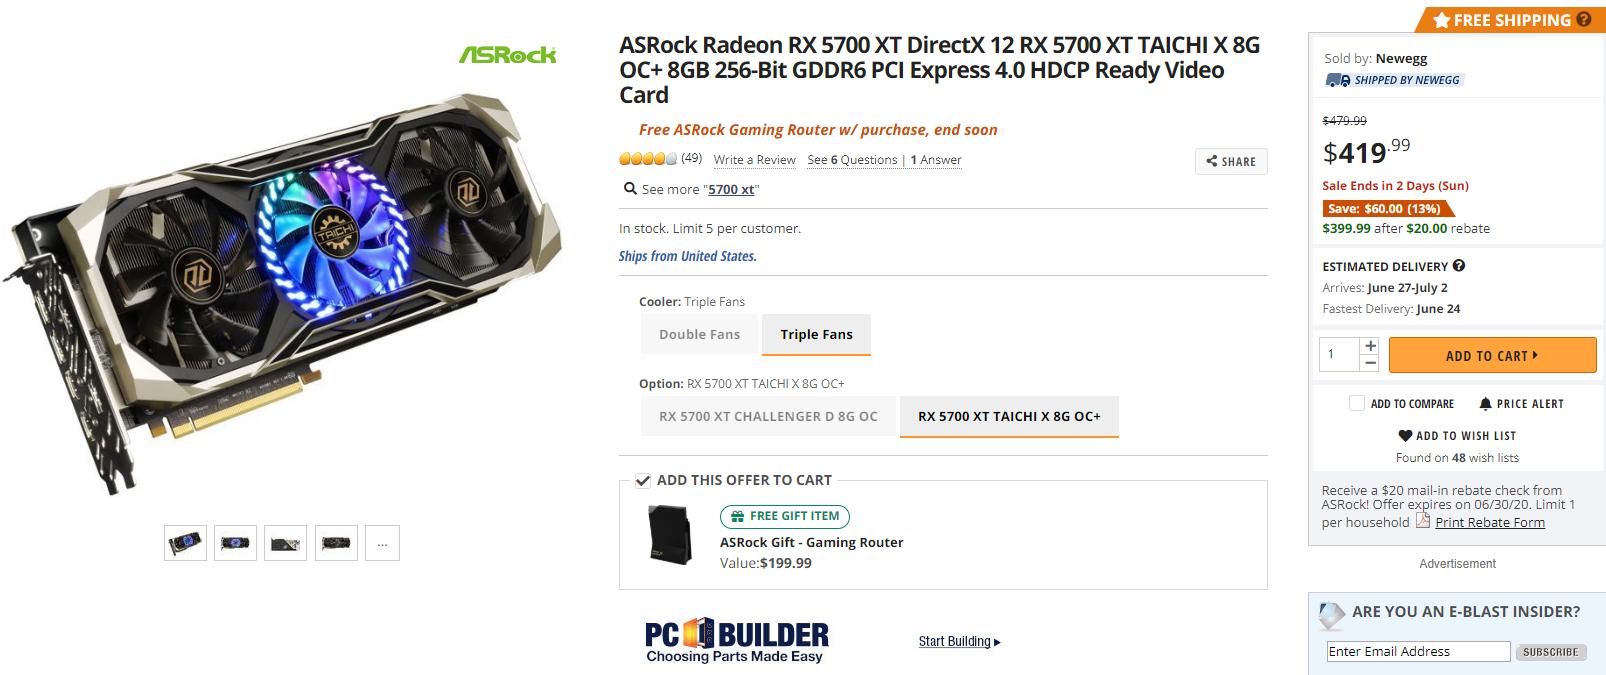 为big Navi让路?RX 5700 XT显卡首次跌破400美元